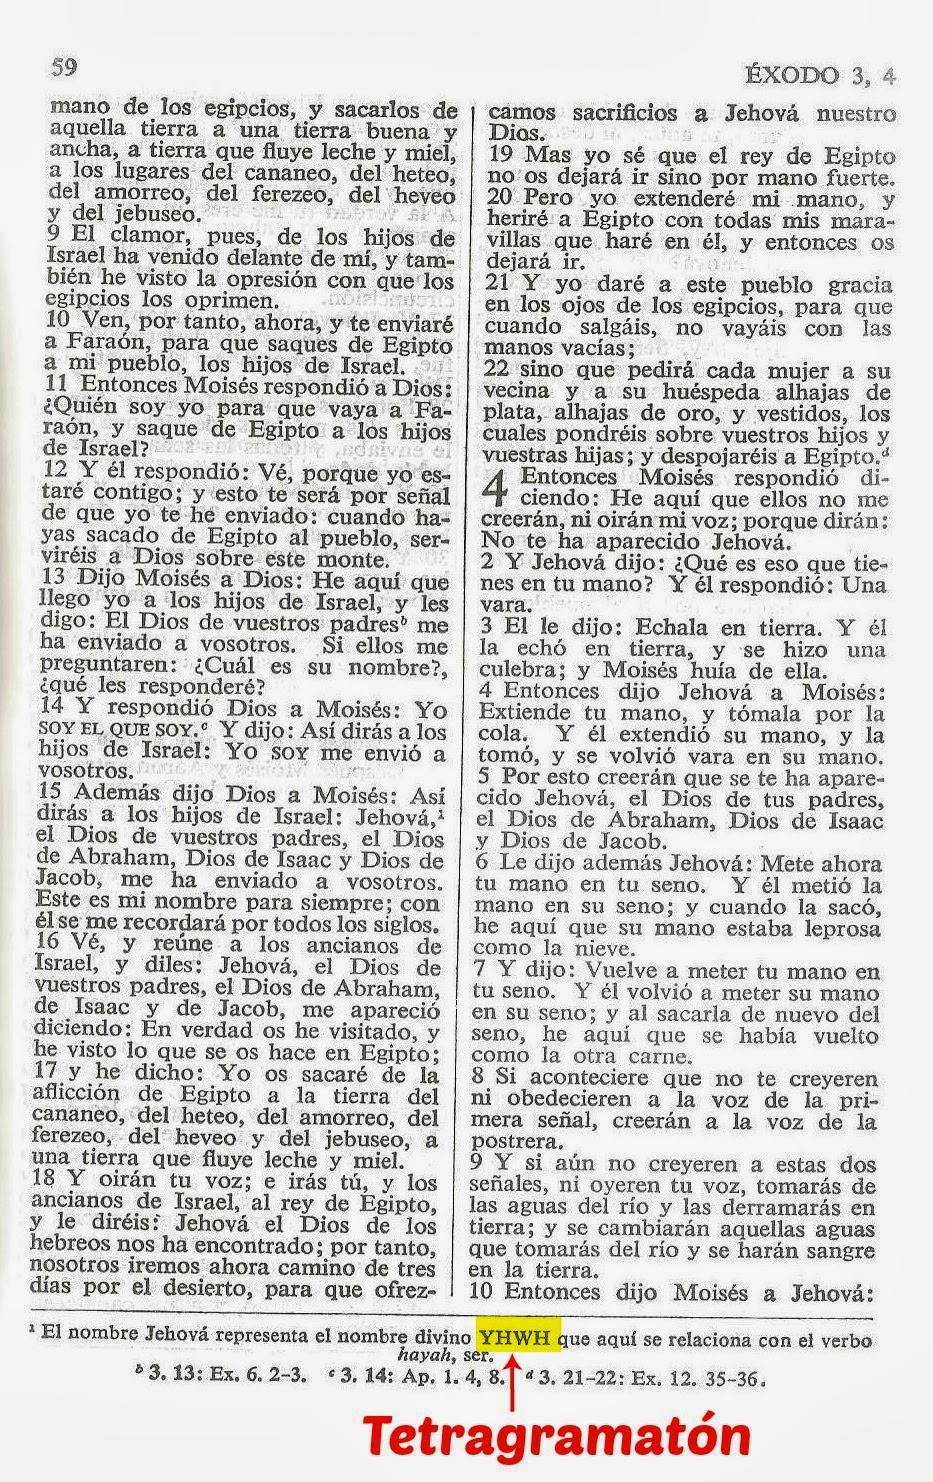 Mensajes ocultos en el nuevo testamento de los cristianos y testigos de jehová. Scan0053